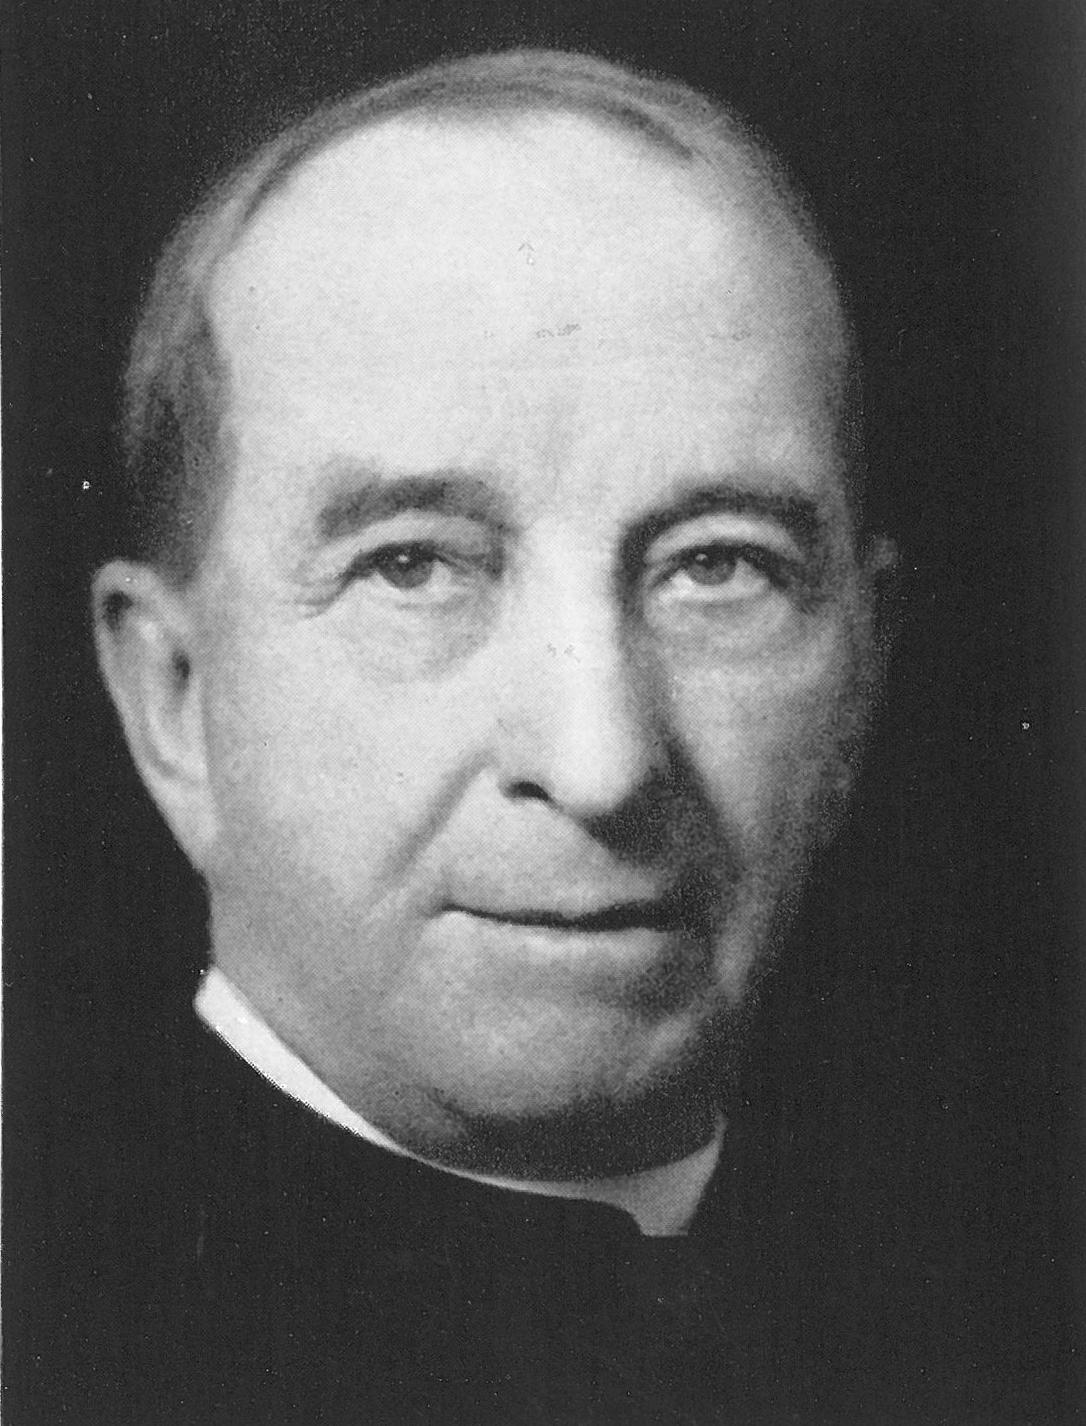 Rev. Phelan